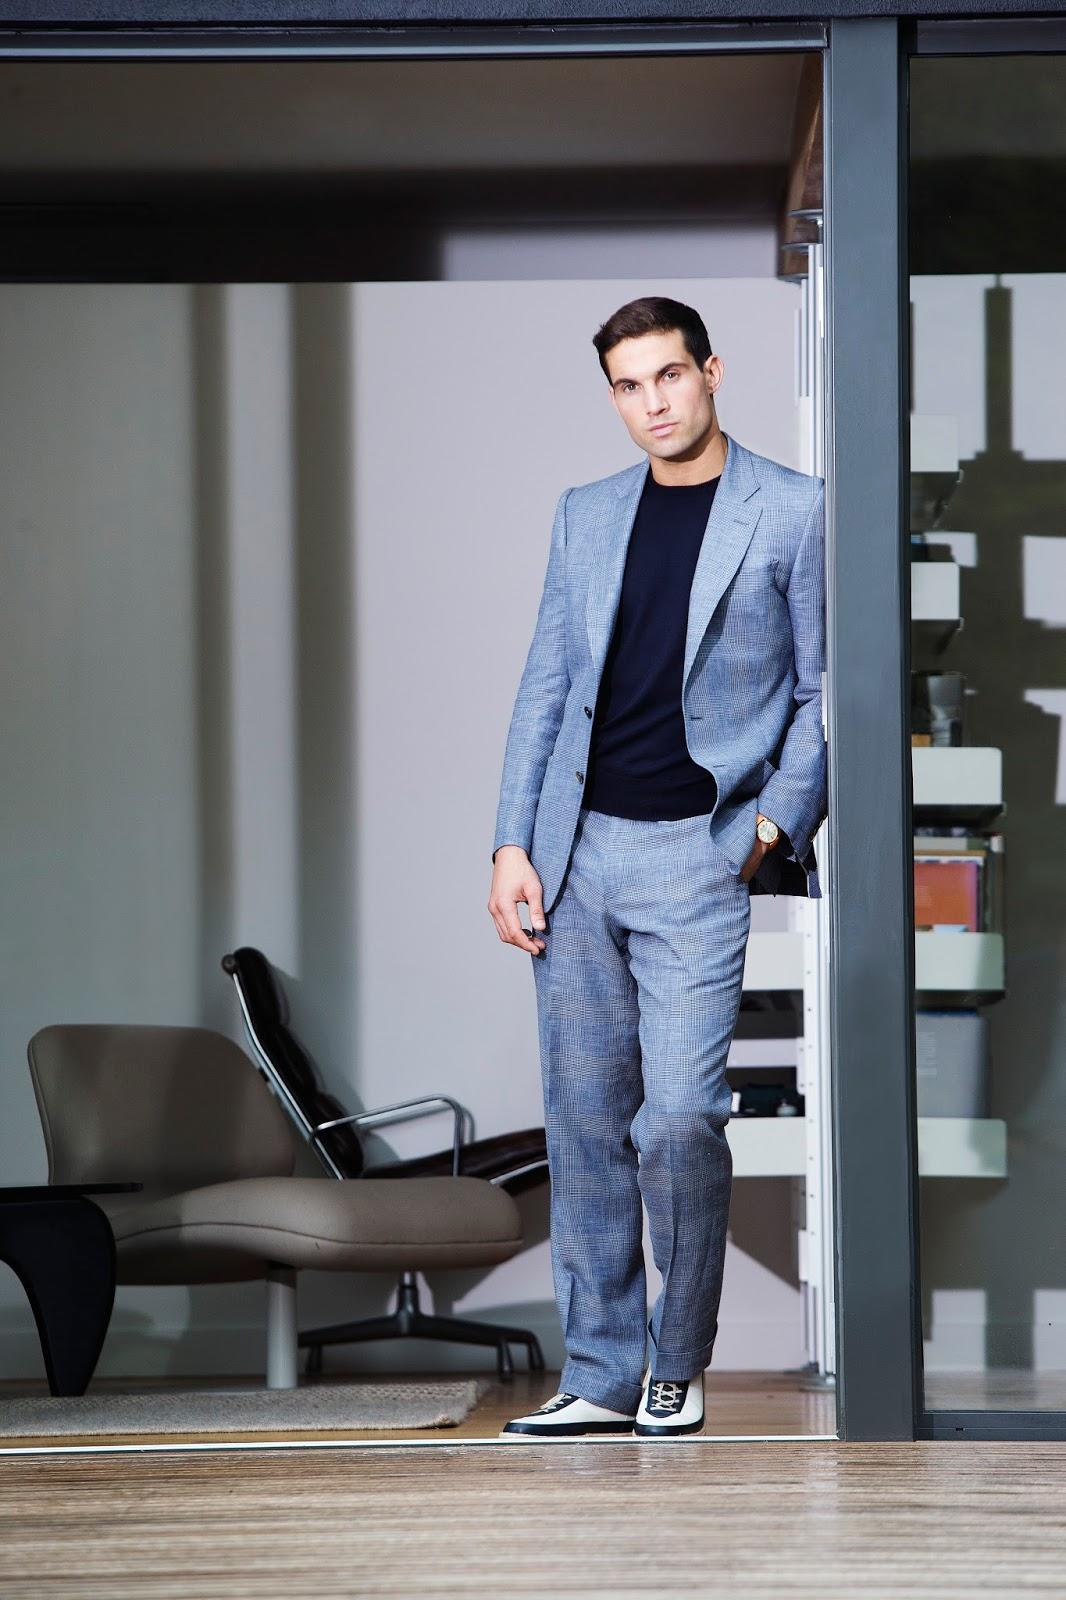 men 39 s styling chester barrie spring summer 2016. Black Bedroom Furniture Sets. Home Design Ideas